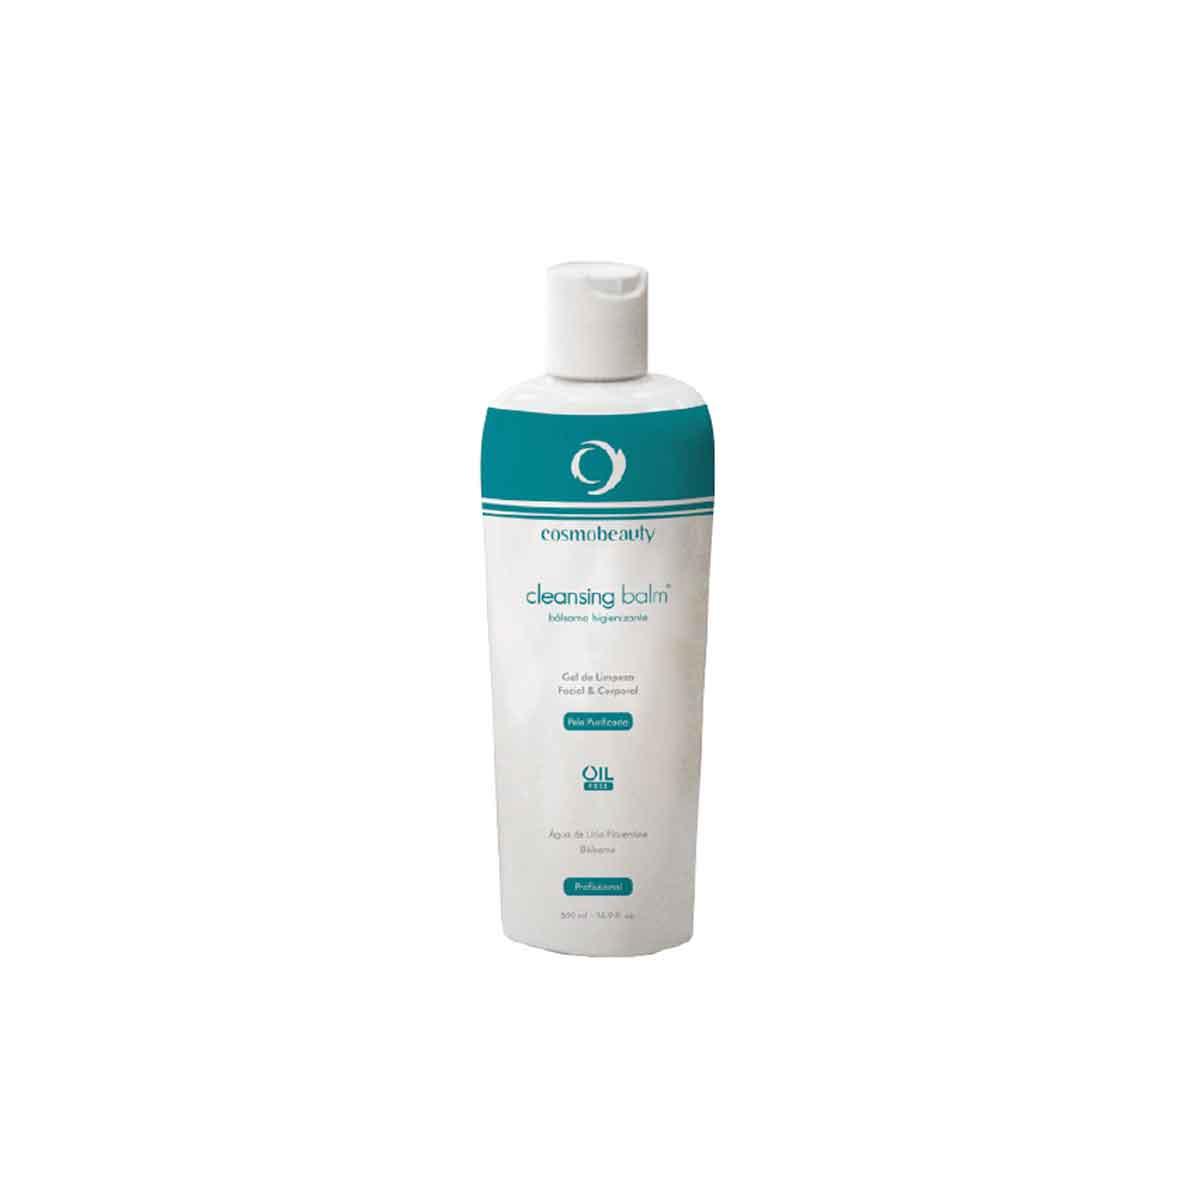 Gel de Limpeza Facial e Corporal Cleansing Balm -  500ml